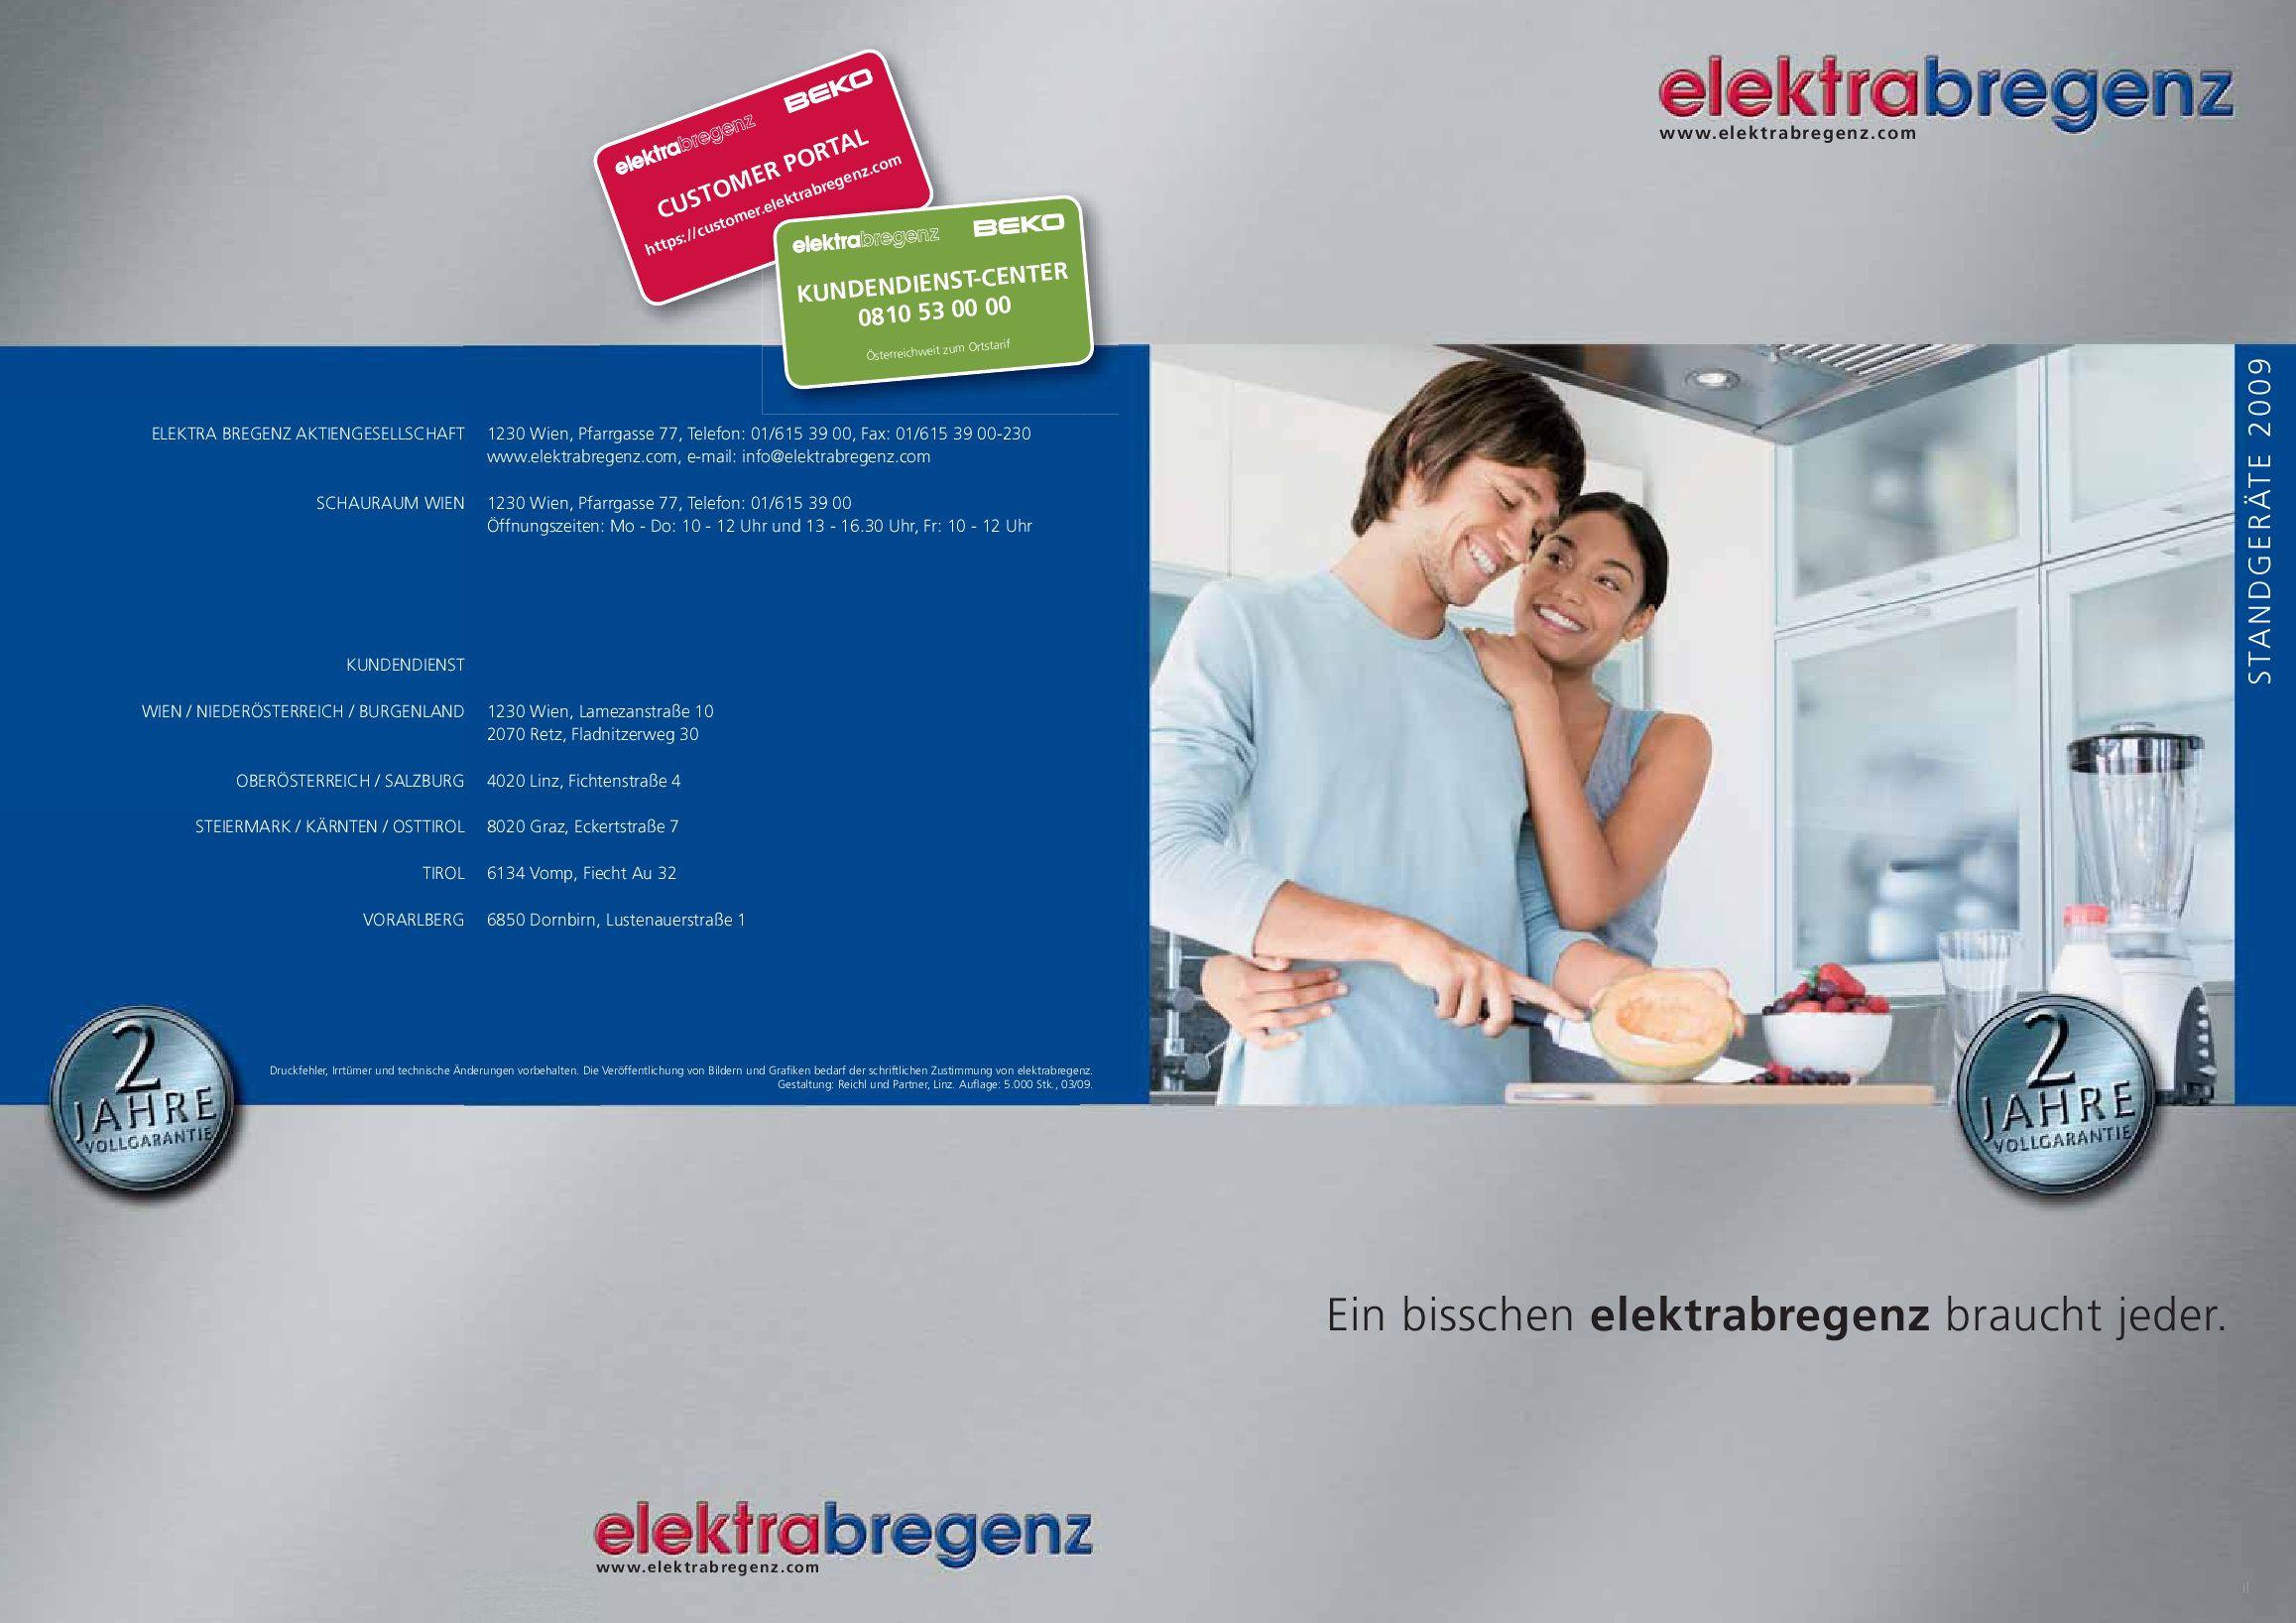 Elektra bregenz standgeräte by martin hechtl issuu